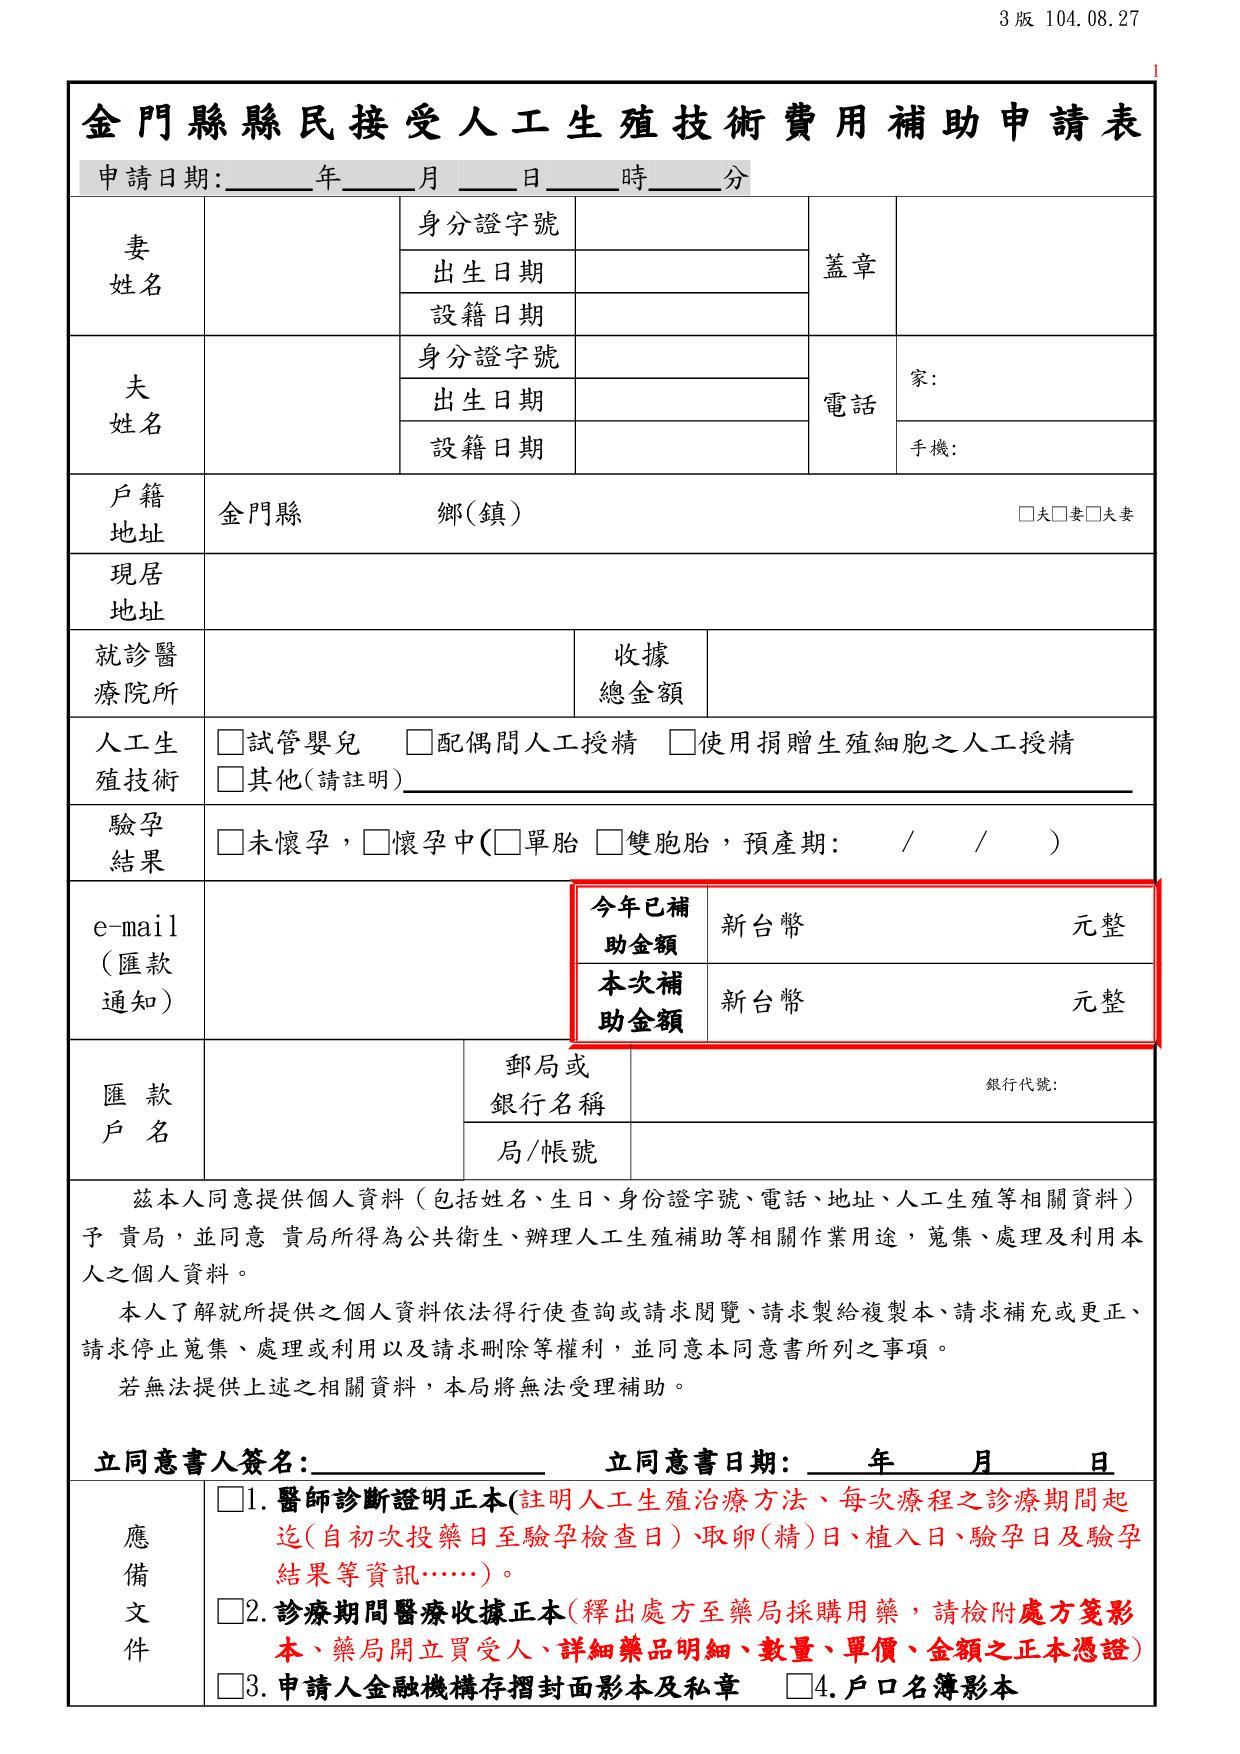 (民)衛保健02-表一(人工生殖補助申請表)